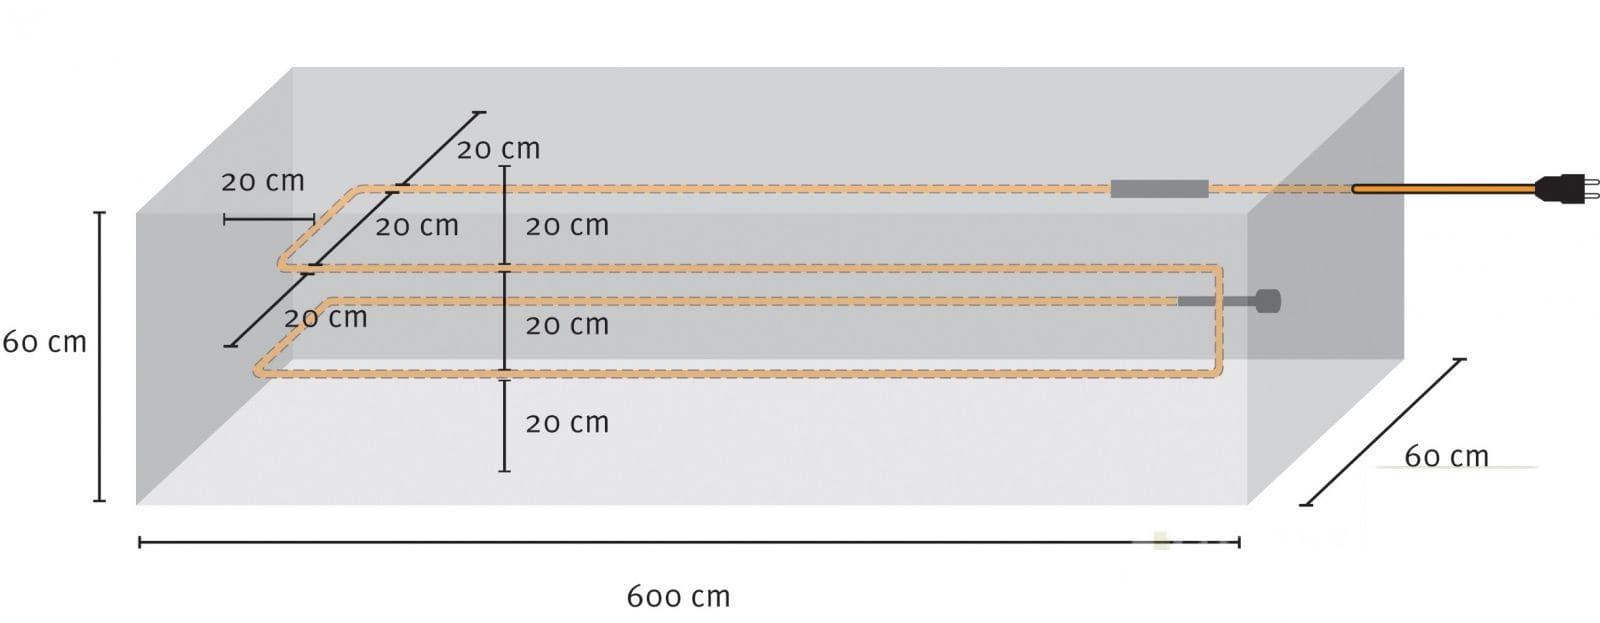 расчет длины греющего кабеля